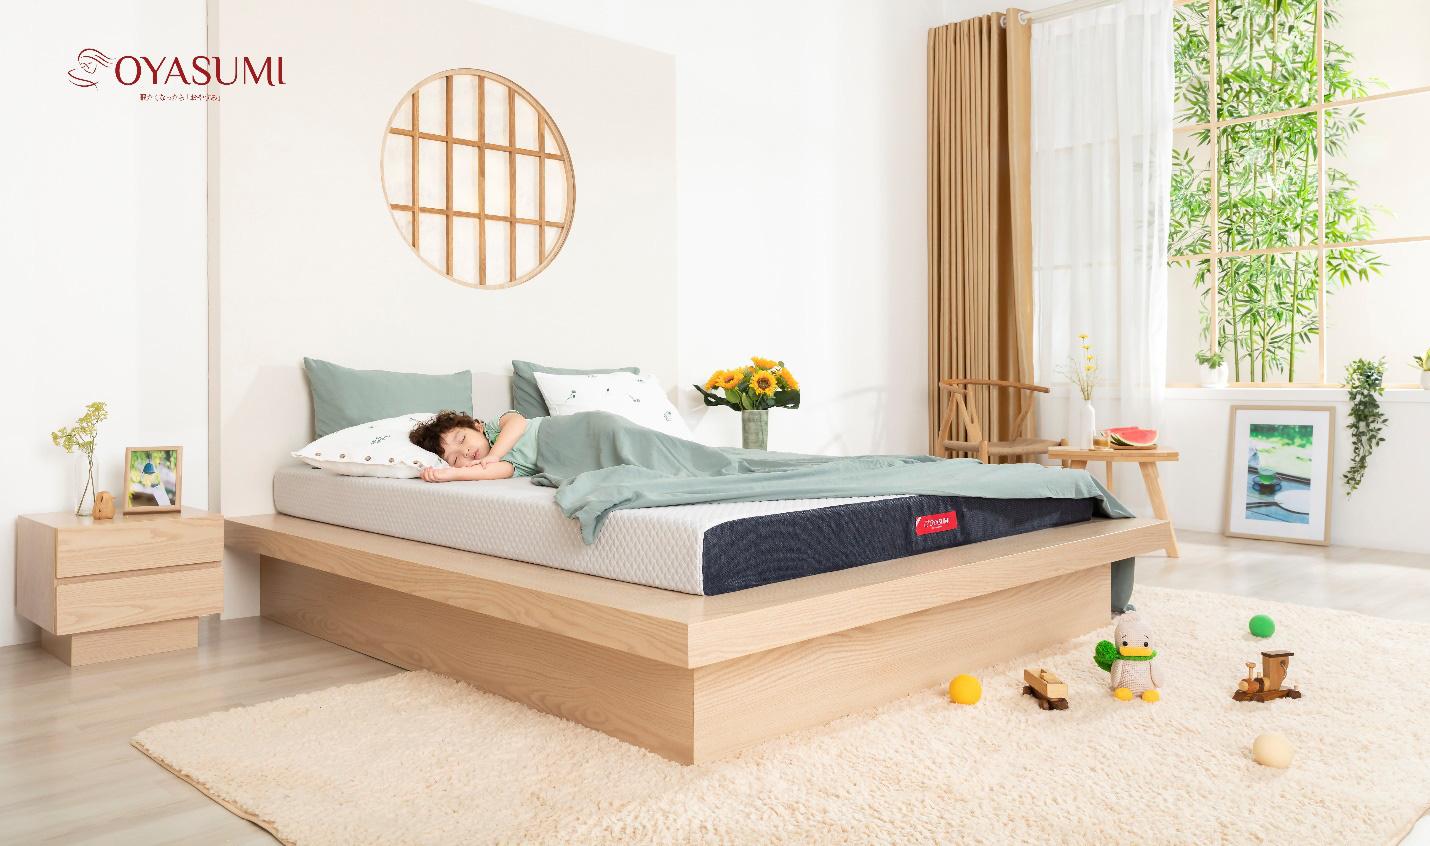 Kinh nghiệm hay của mẹ Nhật trong việc nâng niu giấc ngủ cho con - Ảnh 2.